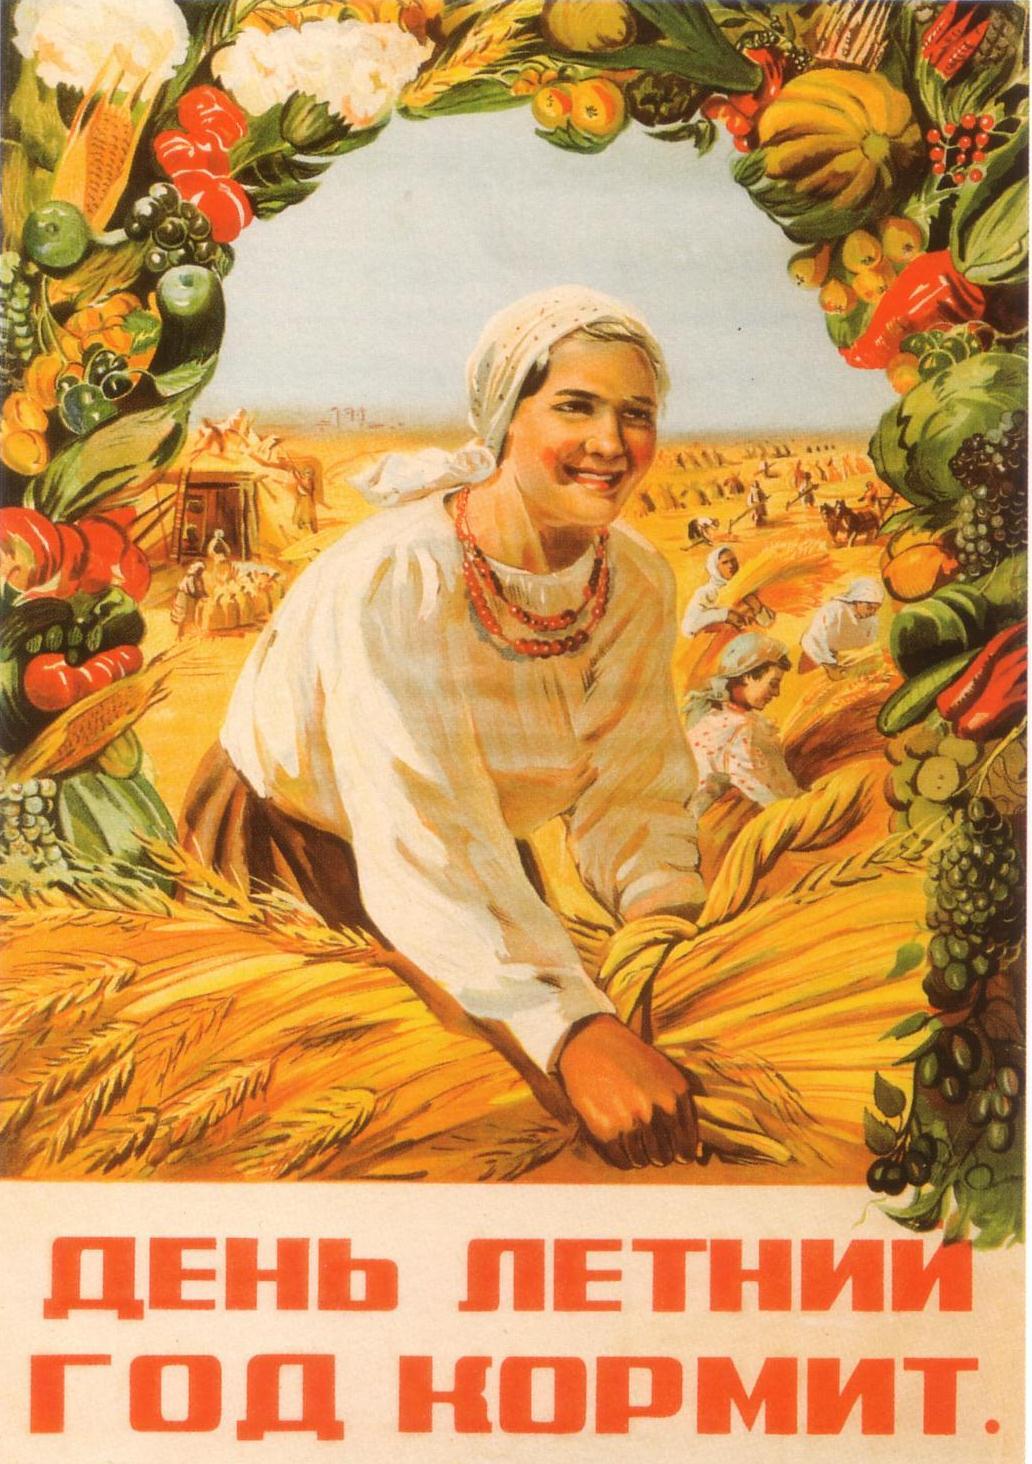 День летний год кормит Автор: А. Волков Год: 1944